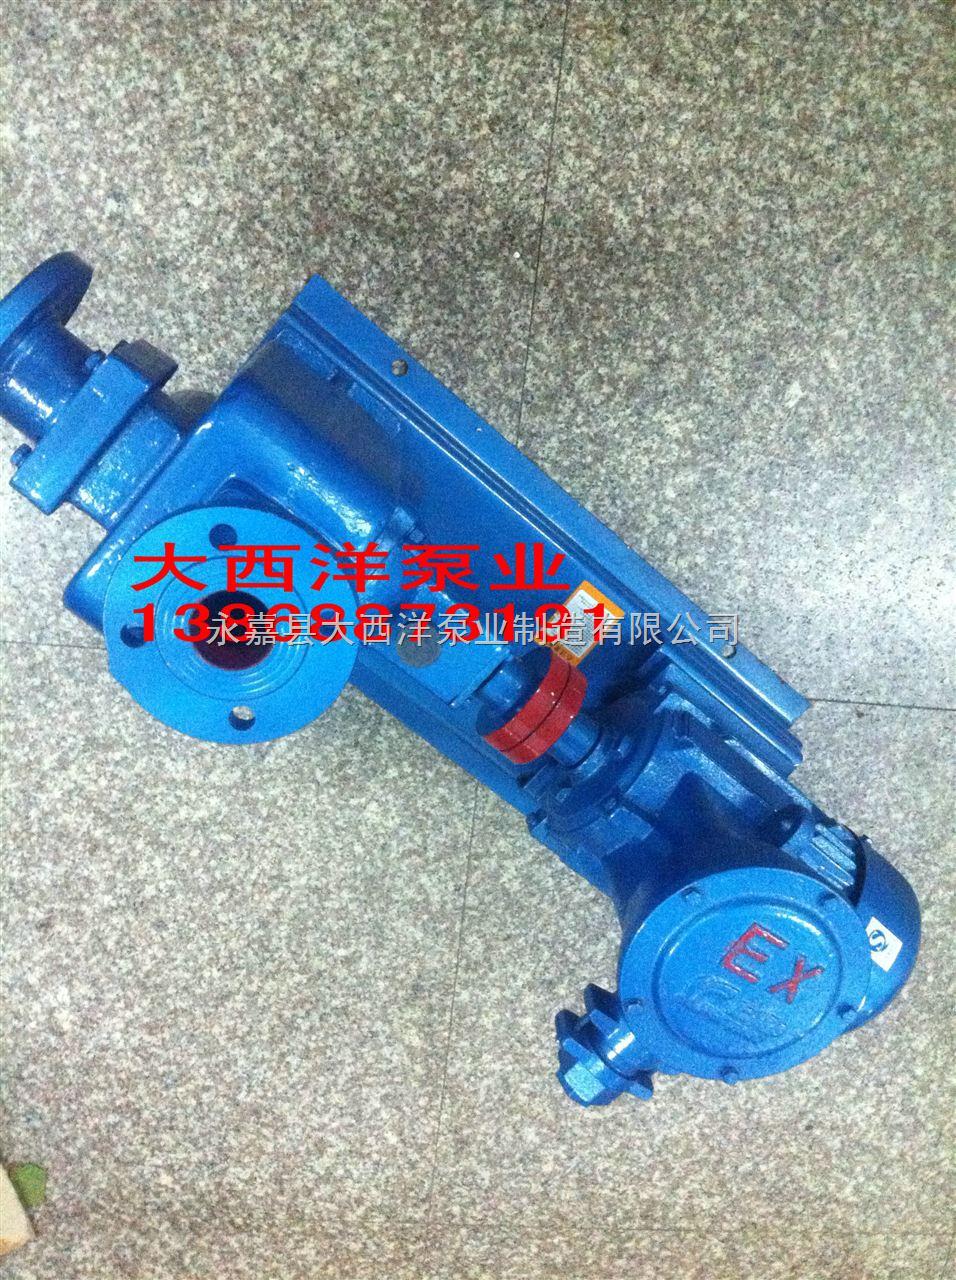 卧式油泵,自吸式油泵,离心油泵,卧式油泵,65CYZ-A-32-P 自吸泵